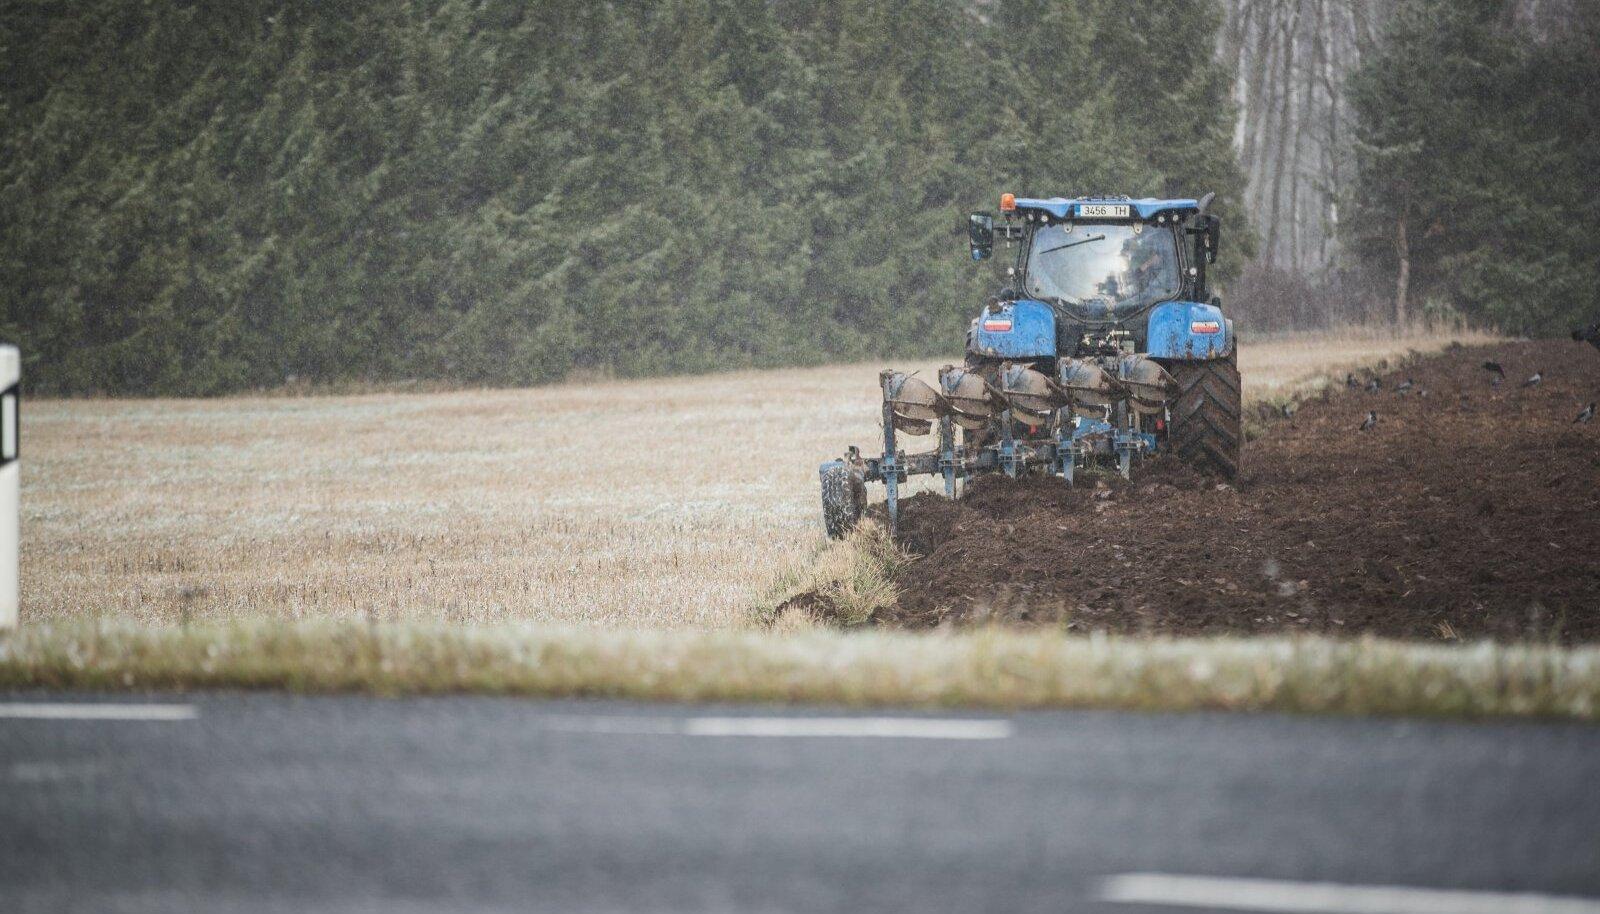 Põllumehed ootavad, et uus valitsus väärtustaks nende tööd.